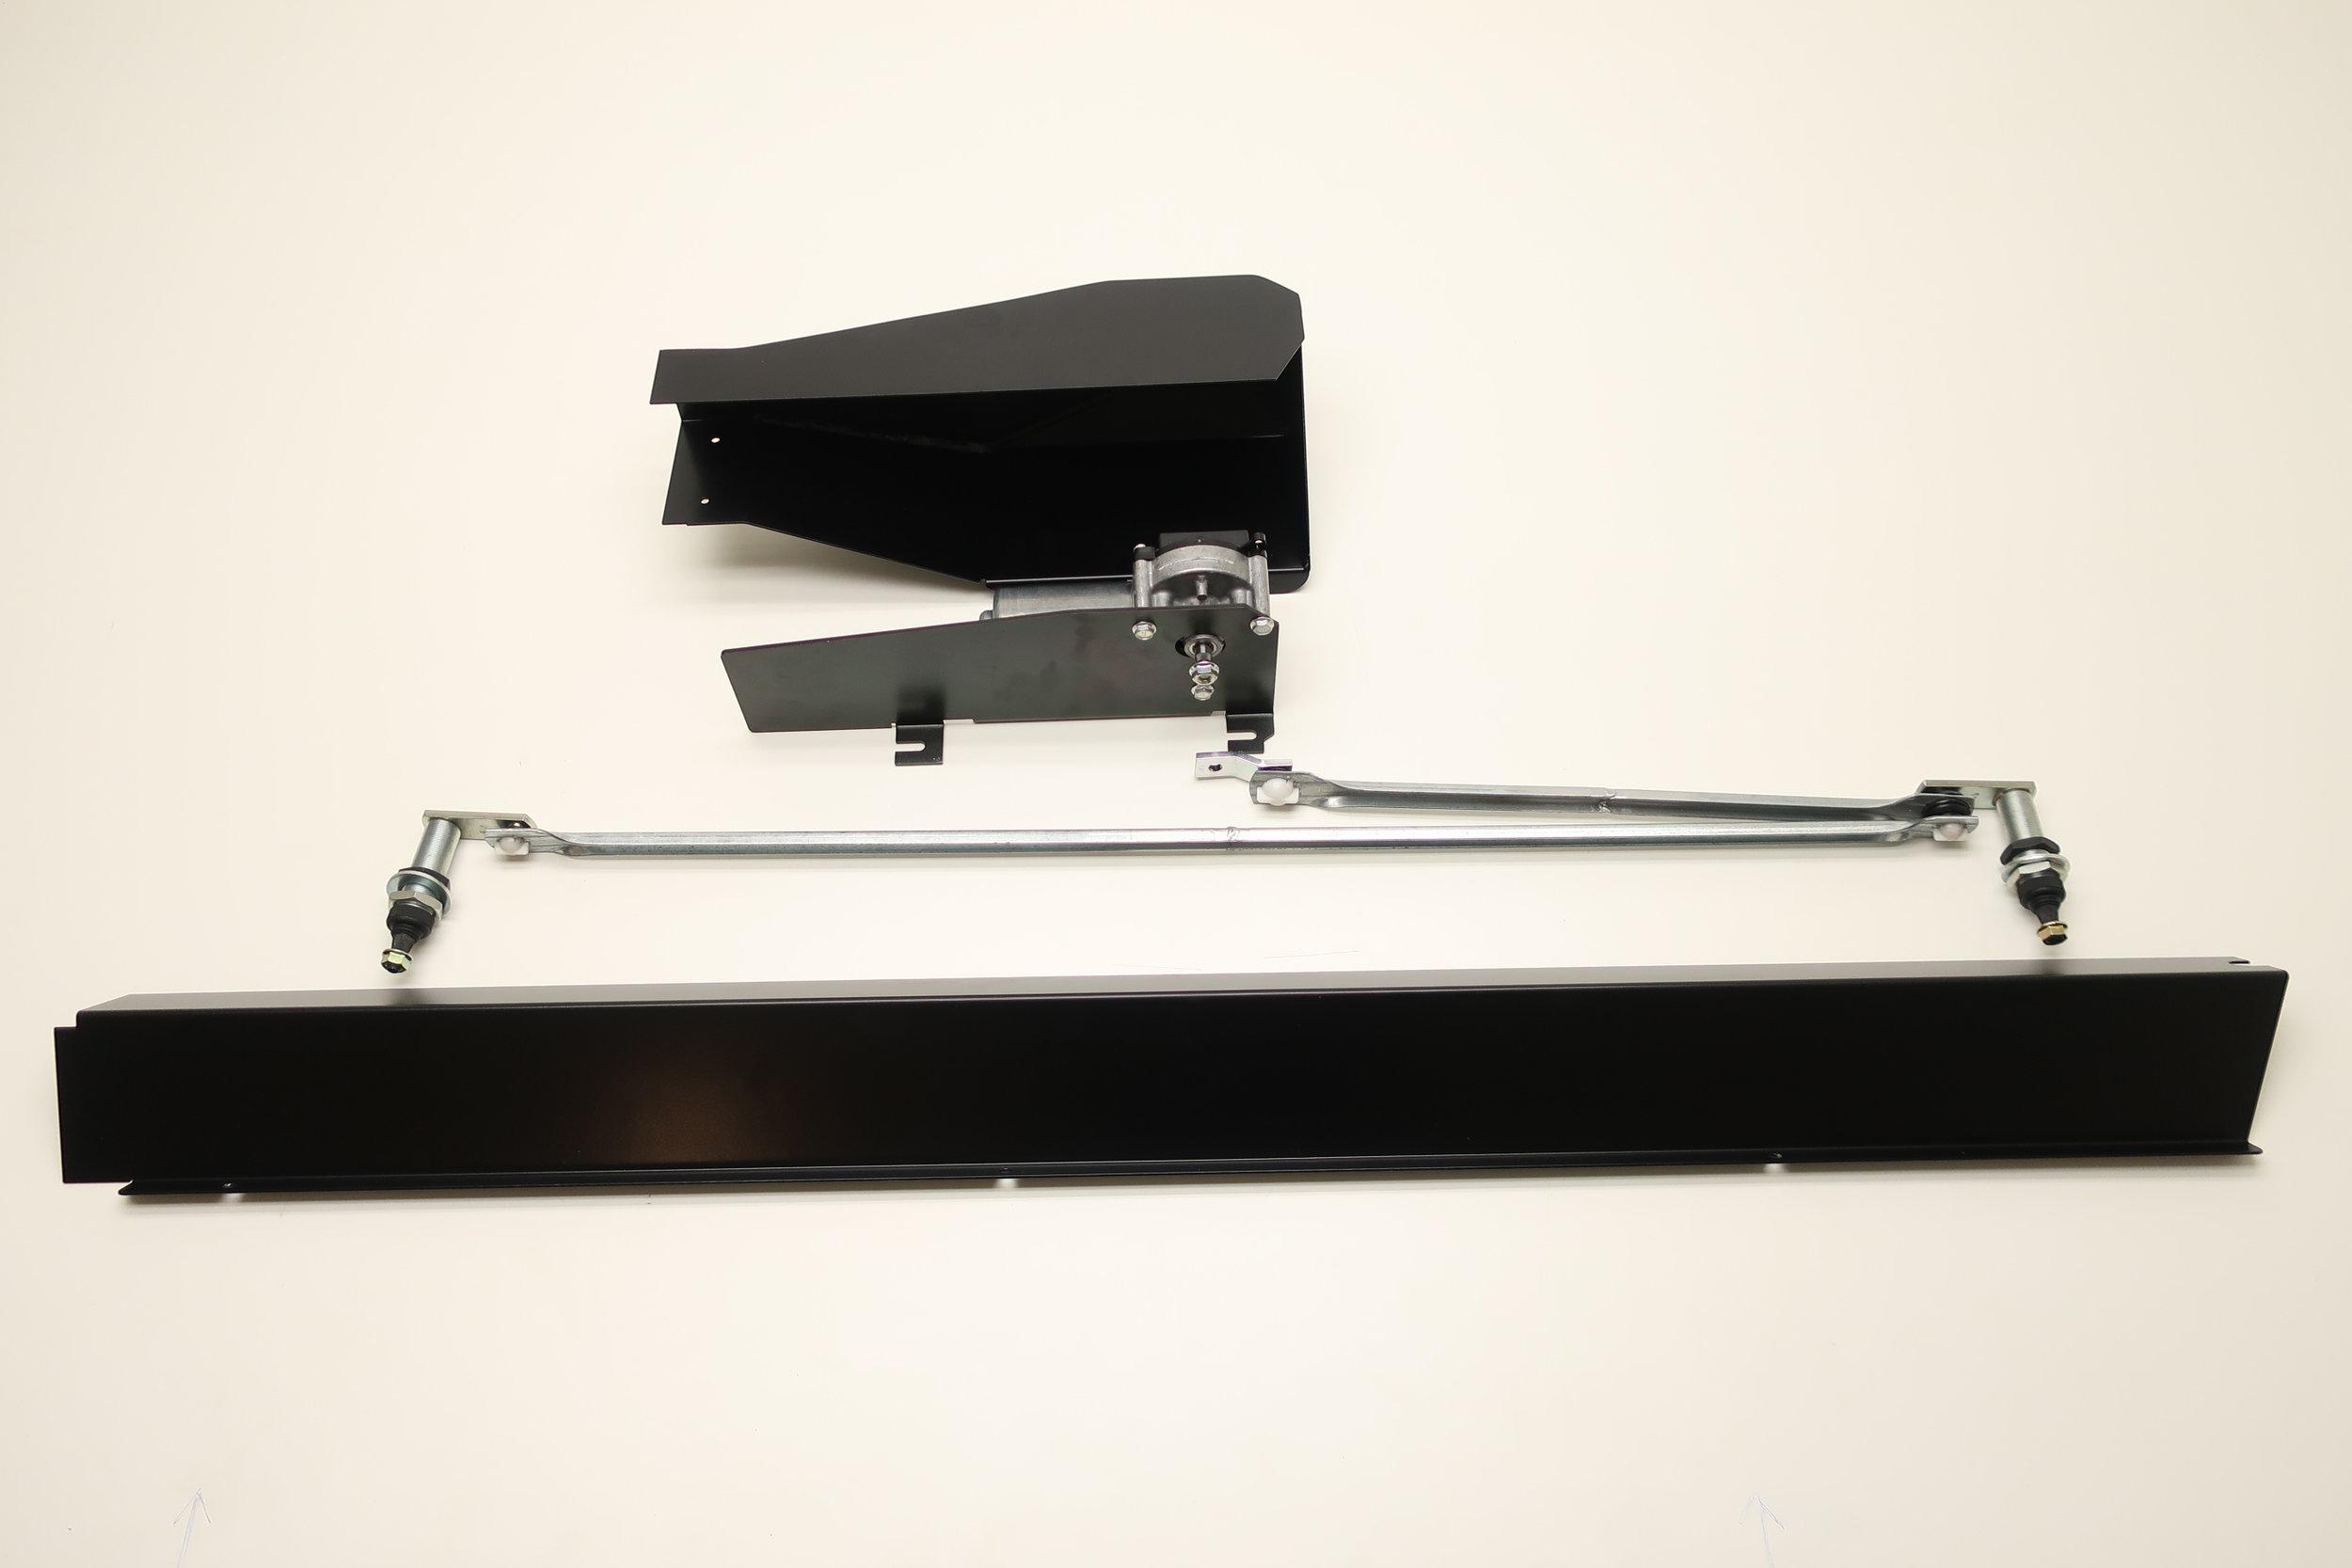 Upgraded window wiper kit price: 19800 SEK